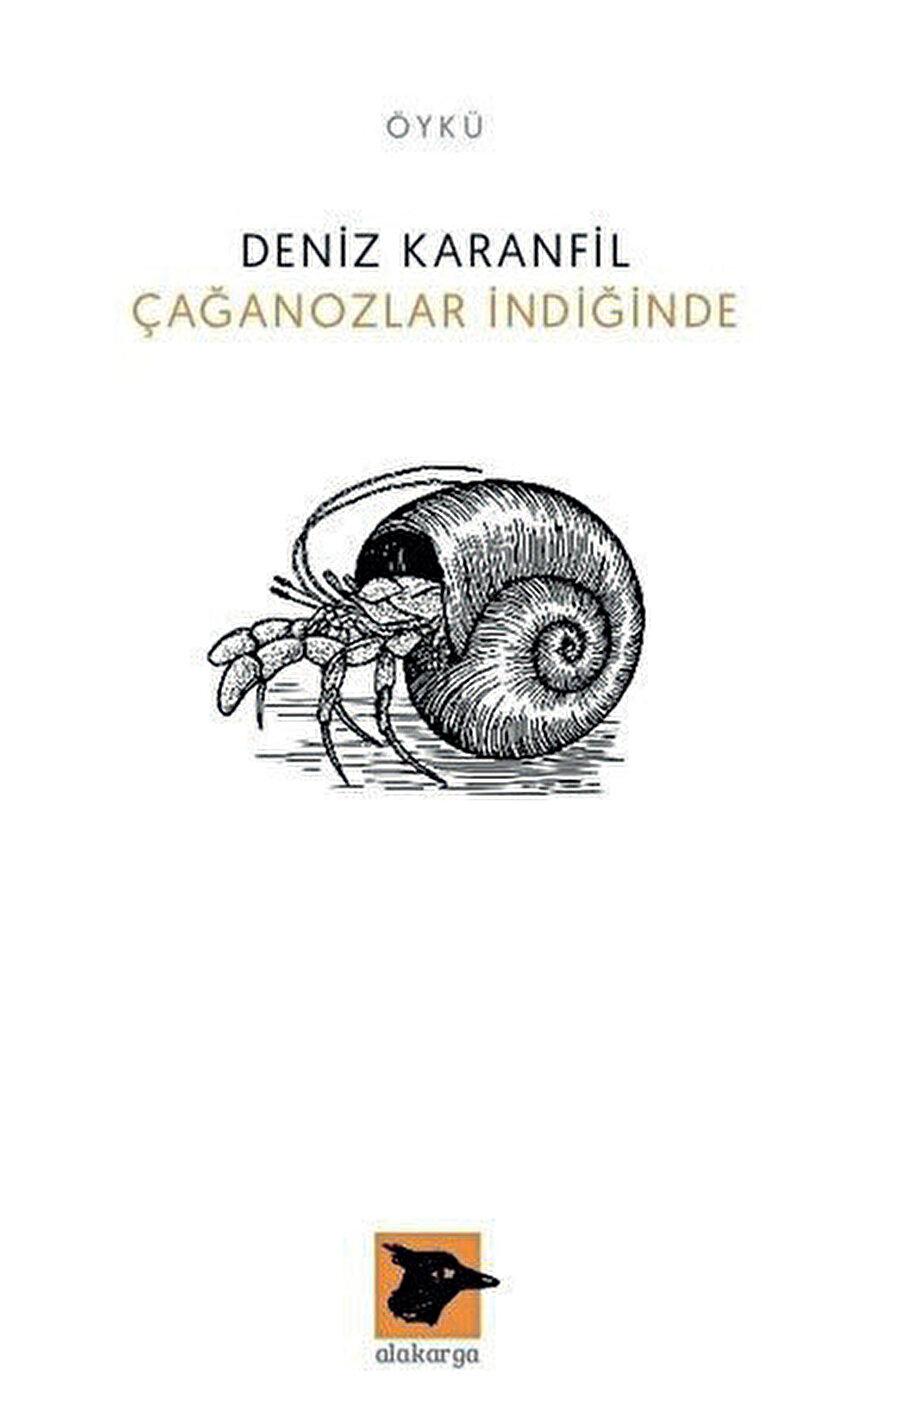 Çağanozlar İndiğinde, Deniz Karanfil'in ikinci öykü kitabı.